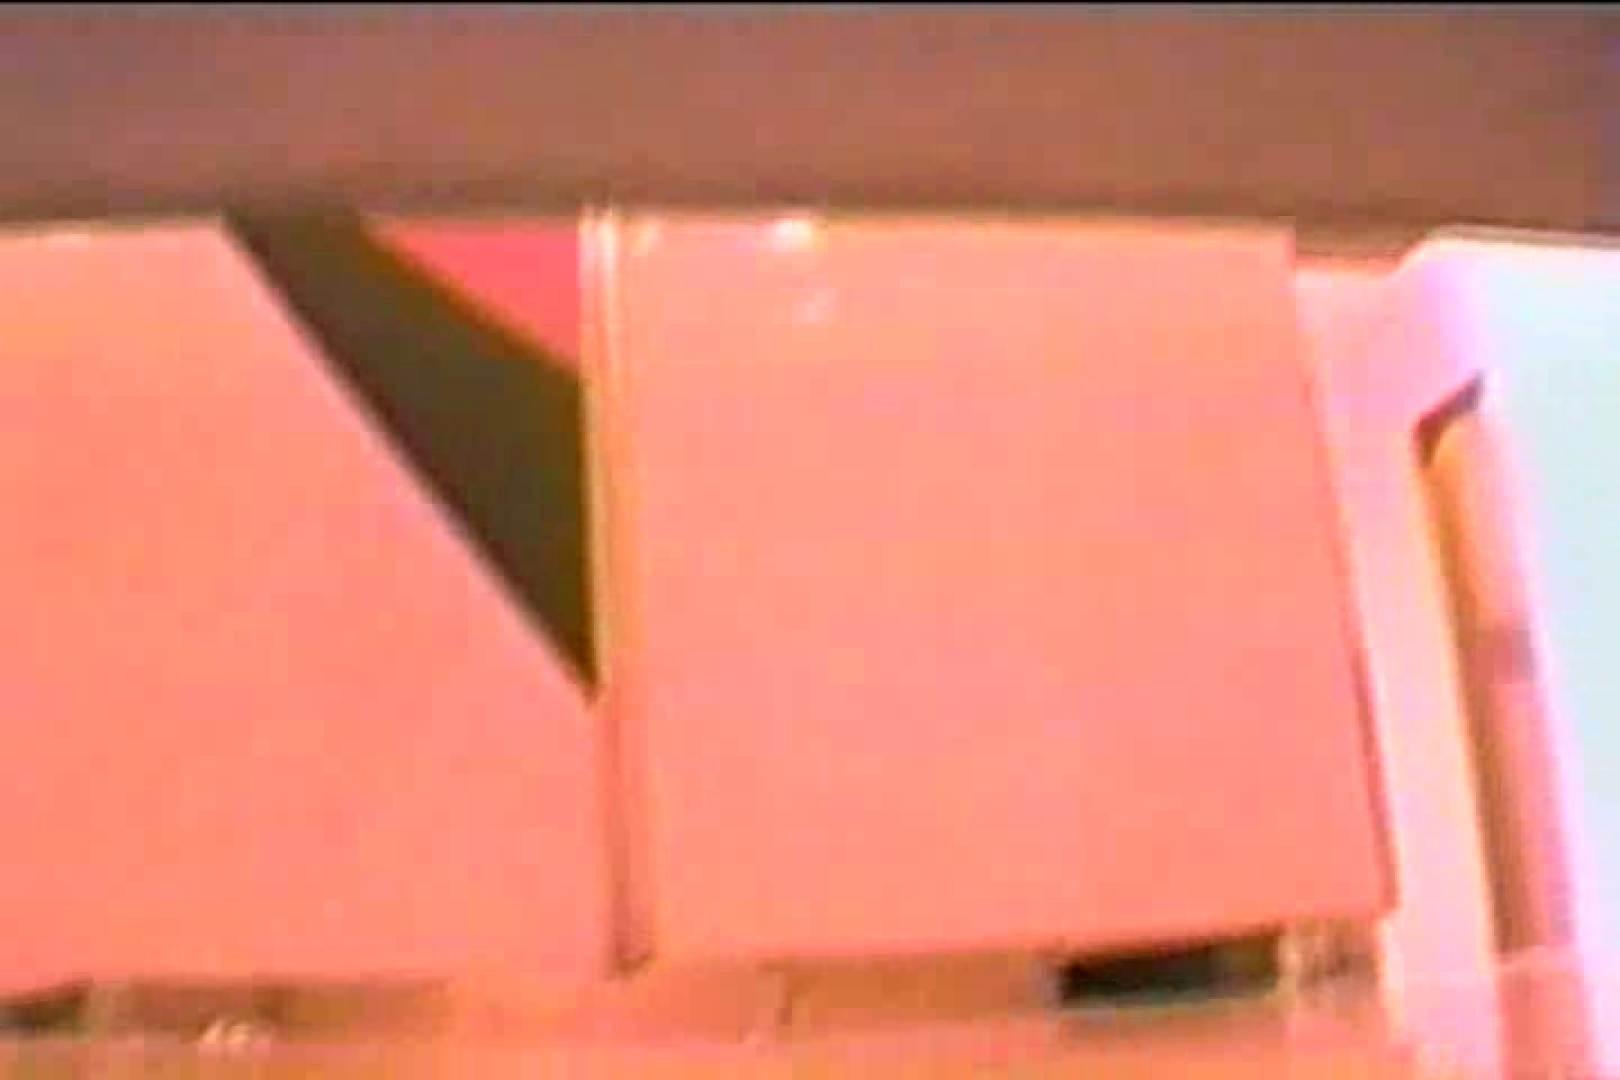 門外不出デパート洗面所 No.15 洗面所 オマンコ動画キャプチャ 85連発 68